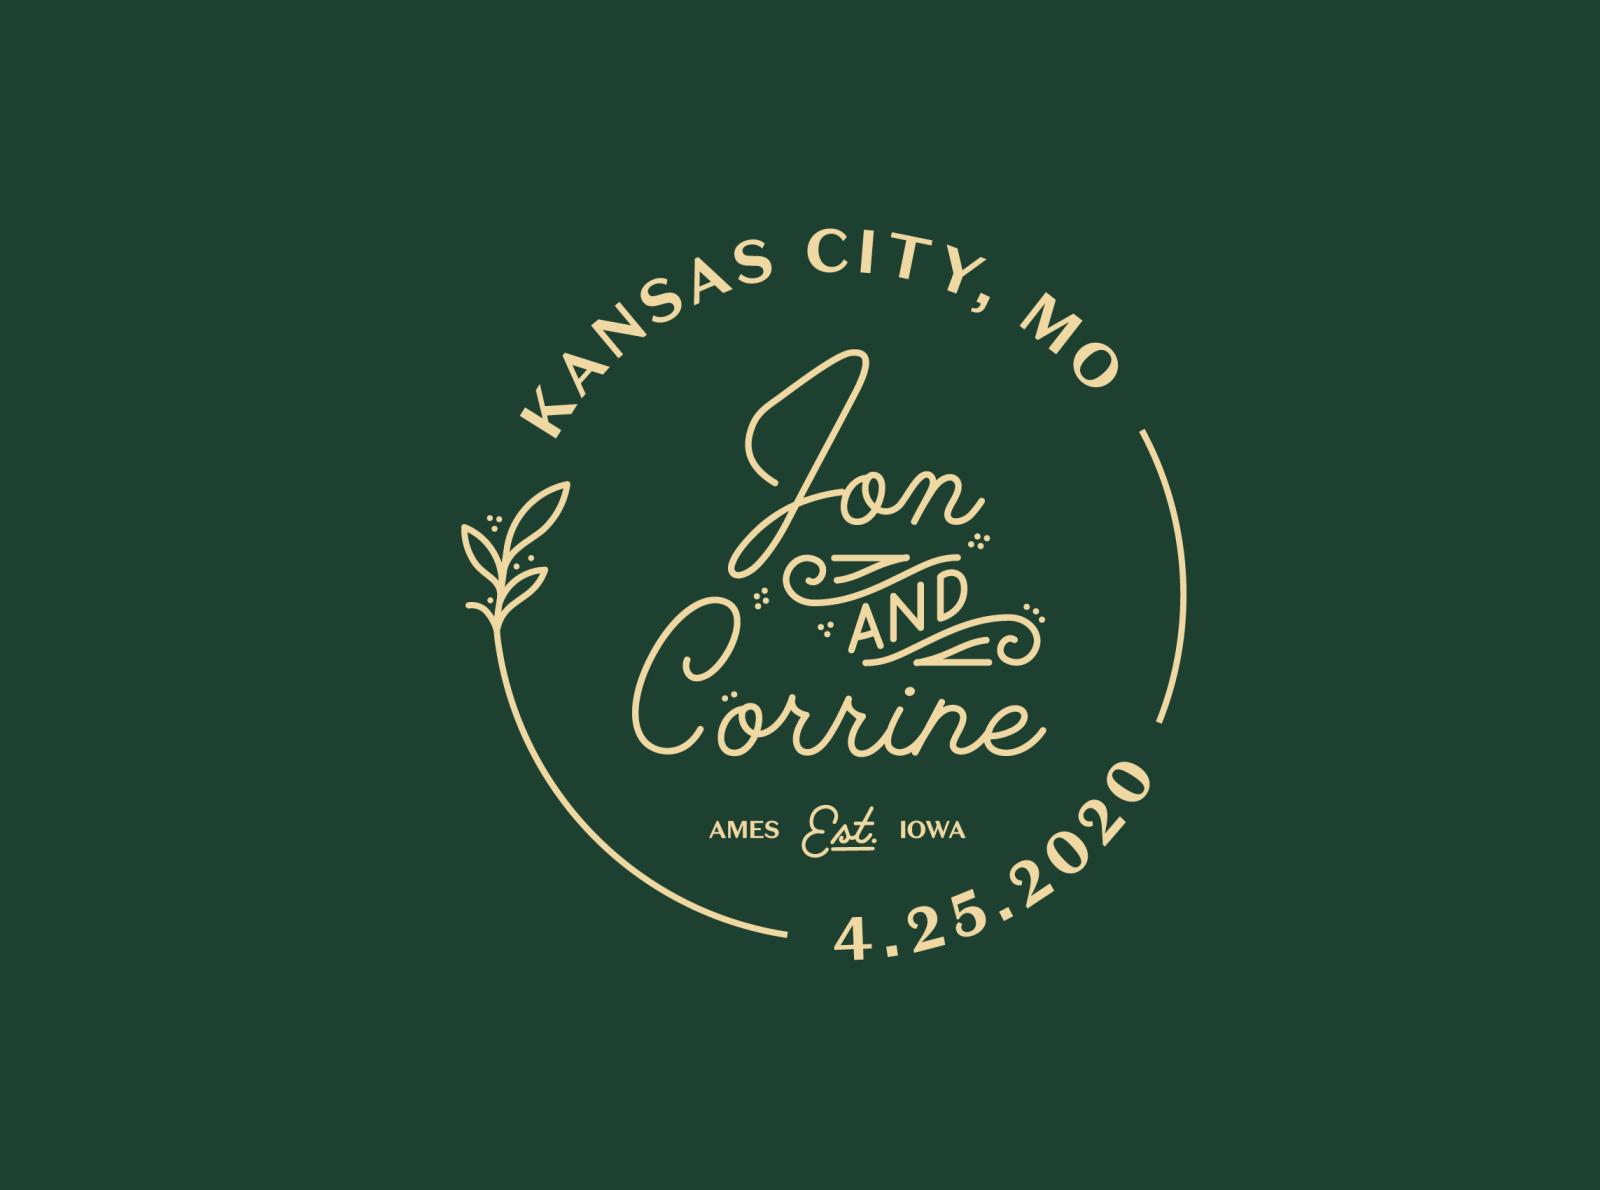 Jon & Corrine Wedding Badge